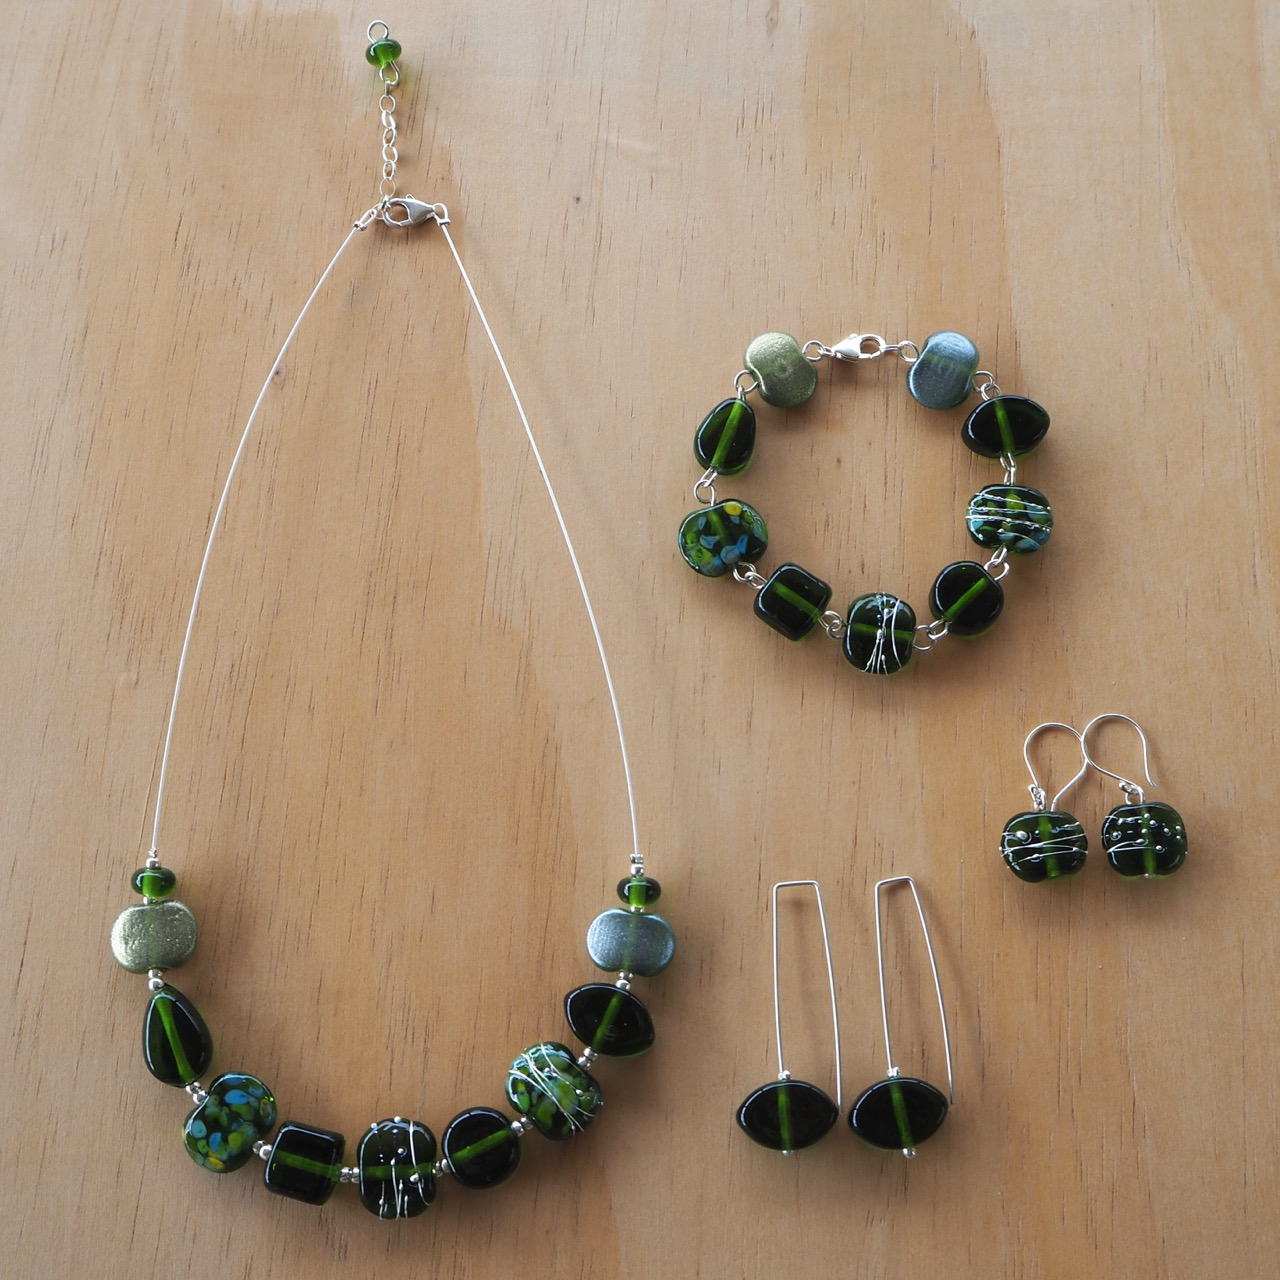 3. Champagne Bottle Jewellery